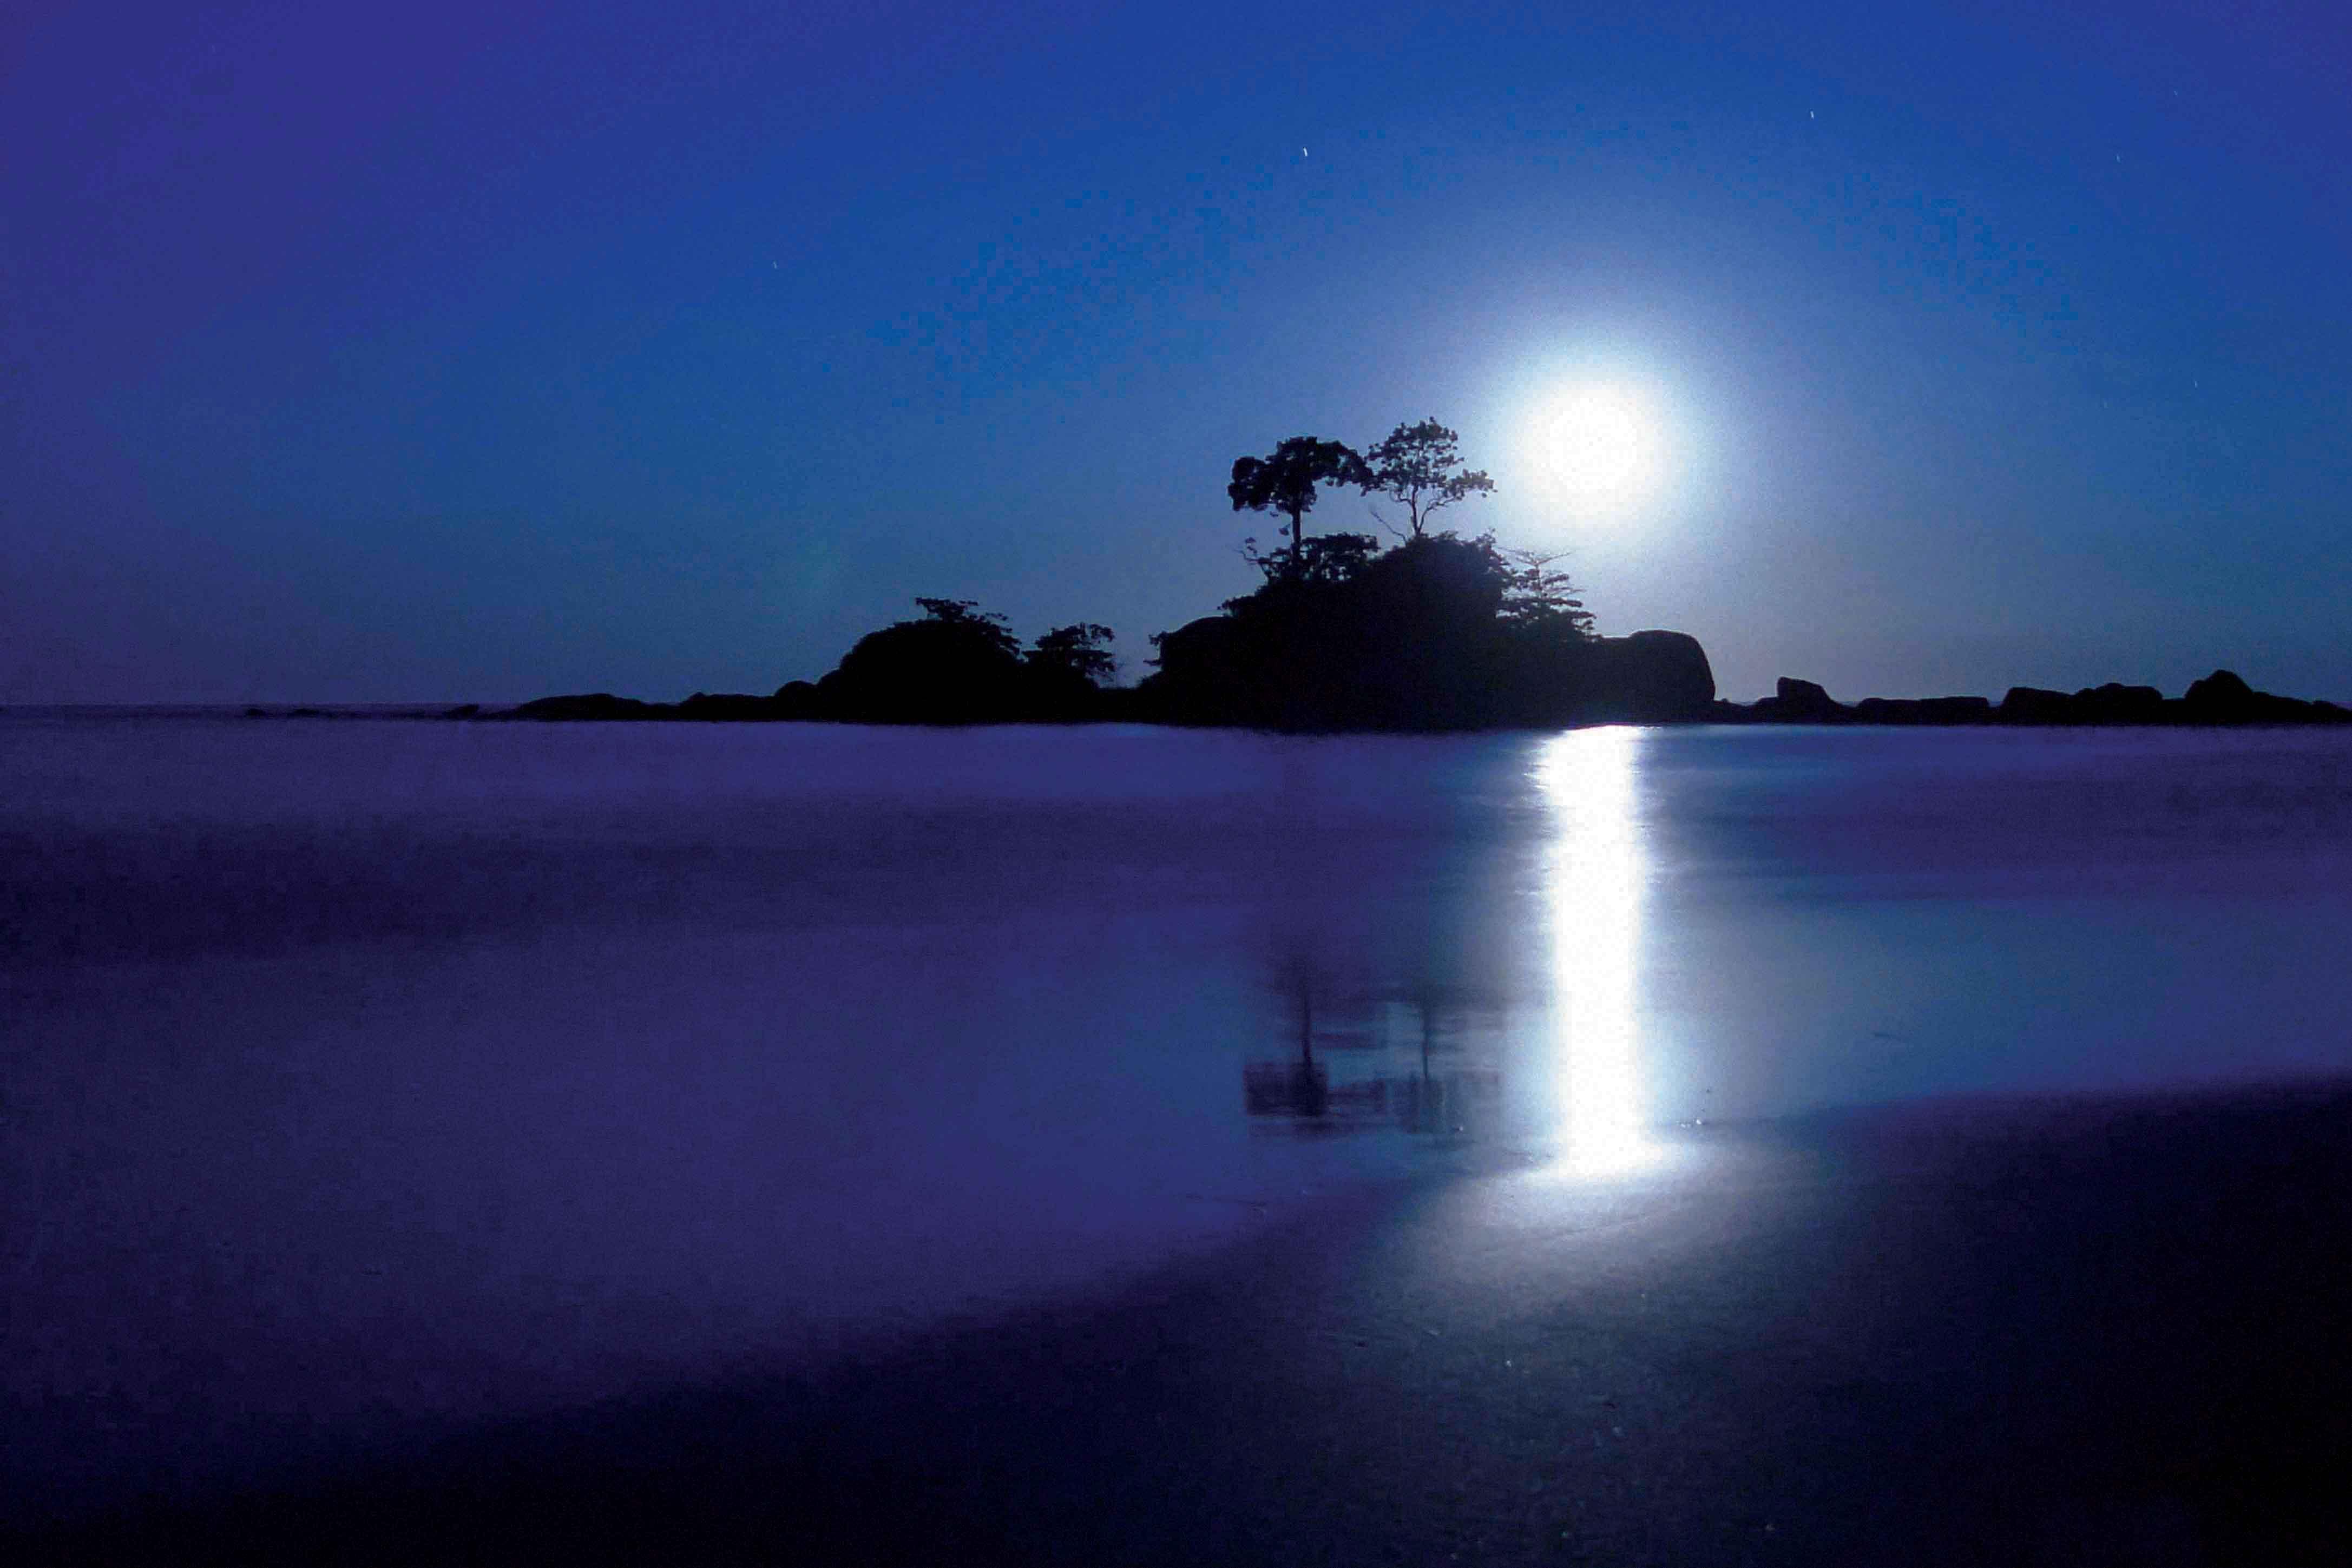 ilhabela-meio-ambiente-praia-de-castelhanos-lua-robert-werner-bx